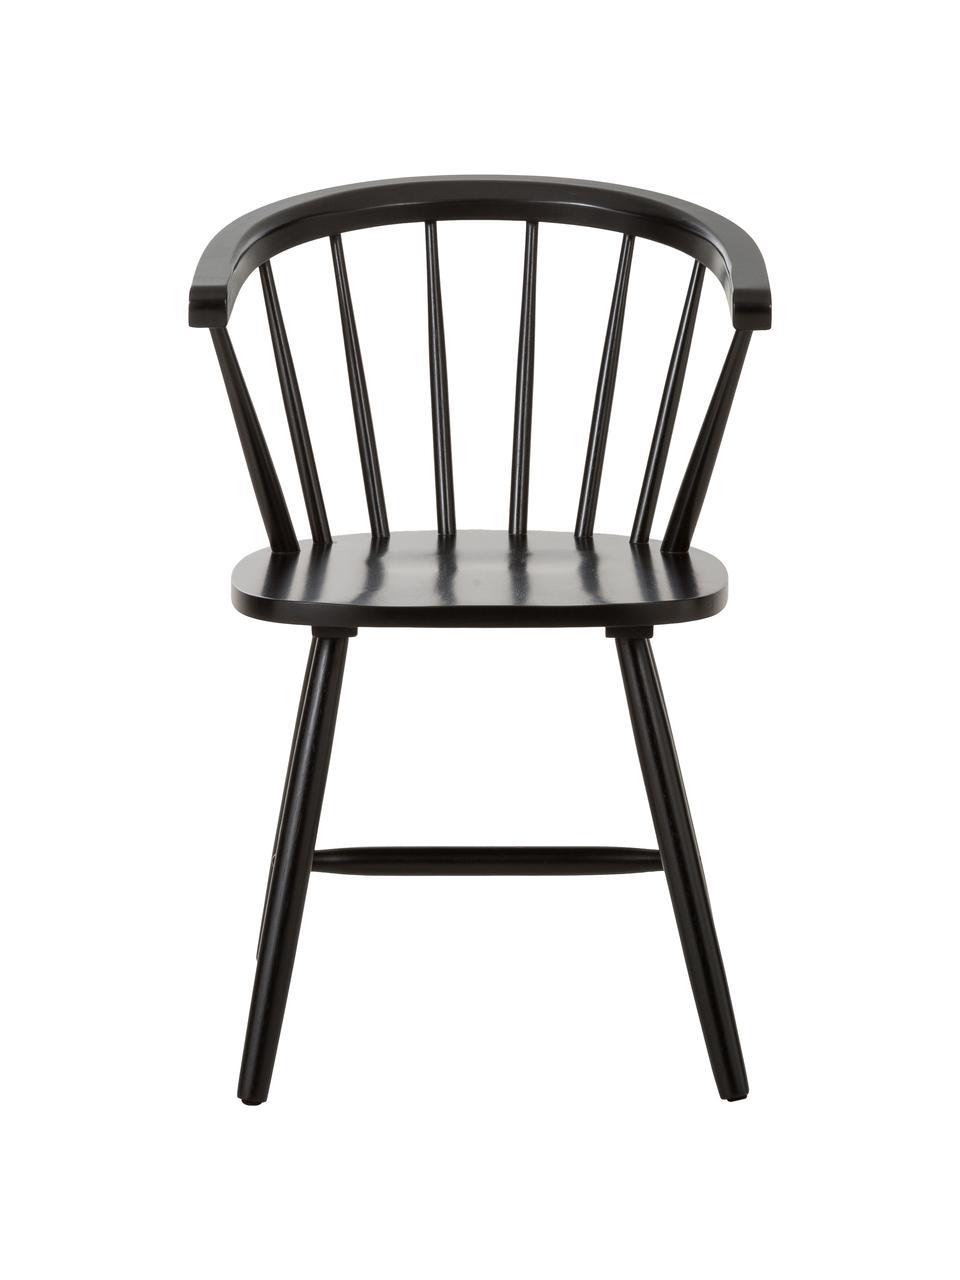 Krzesło z podłokietnikami z drewna Megan, 2 szt., Drewno kauczukowe, lakierowane, Czarny, S 53 x G 52 cm